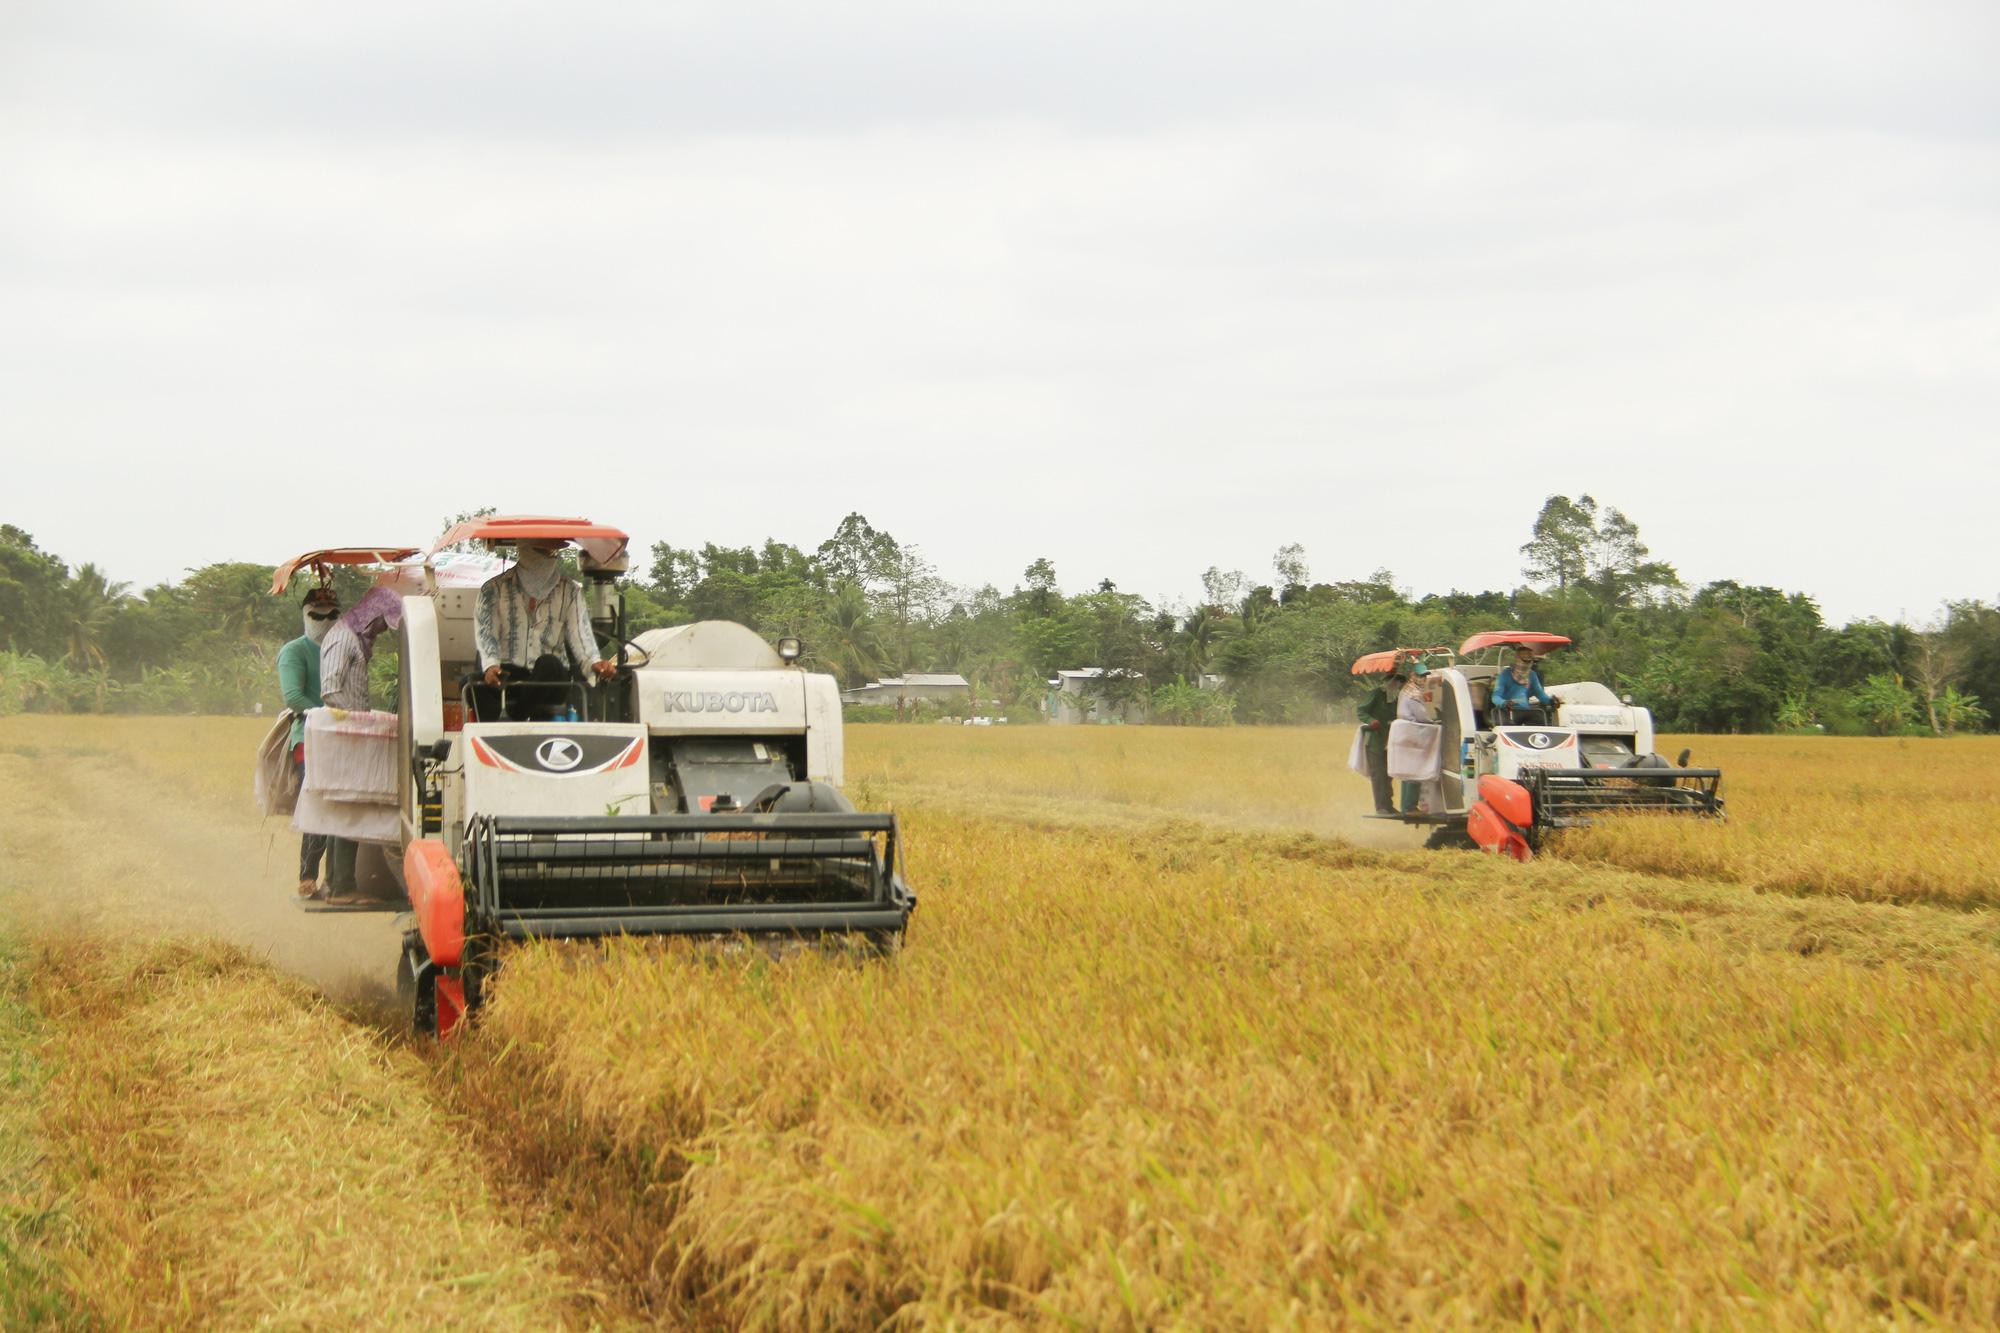 Giá lúa gạo đứng ở mức cao, nông dân thu lợi nhuận kỷ lục - Ảnh 3.